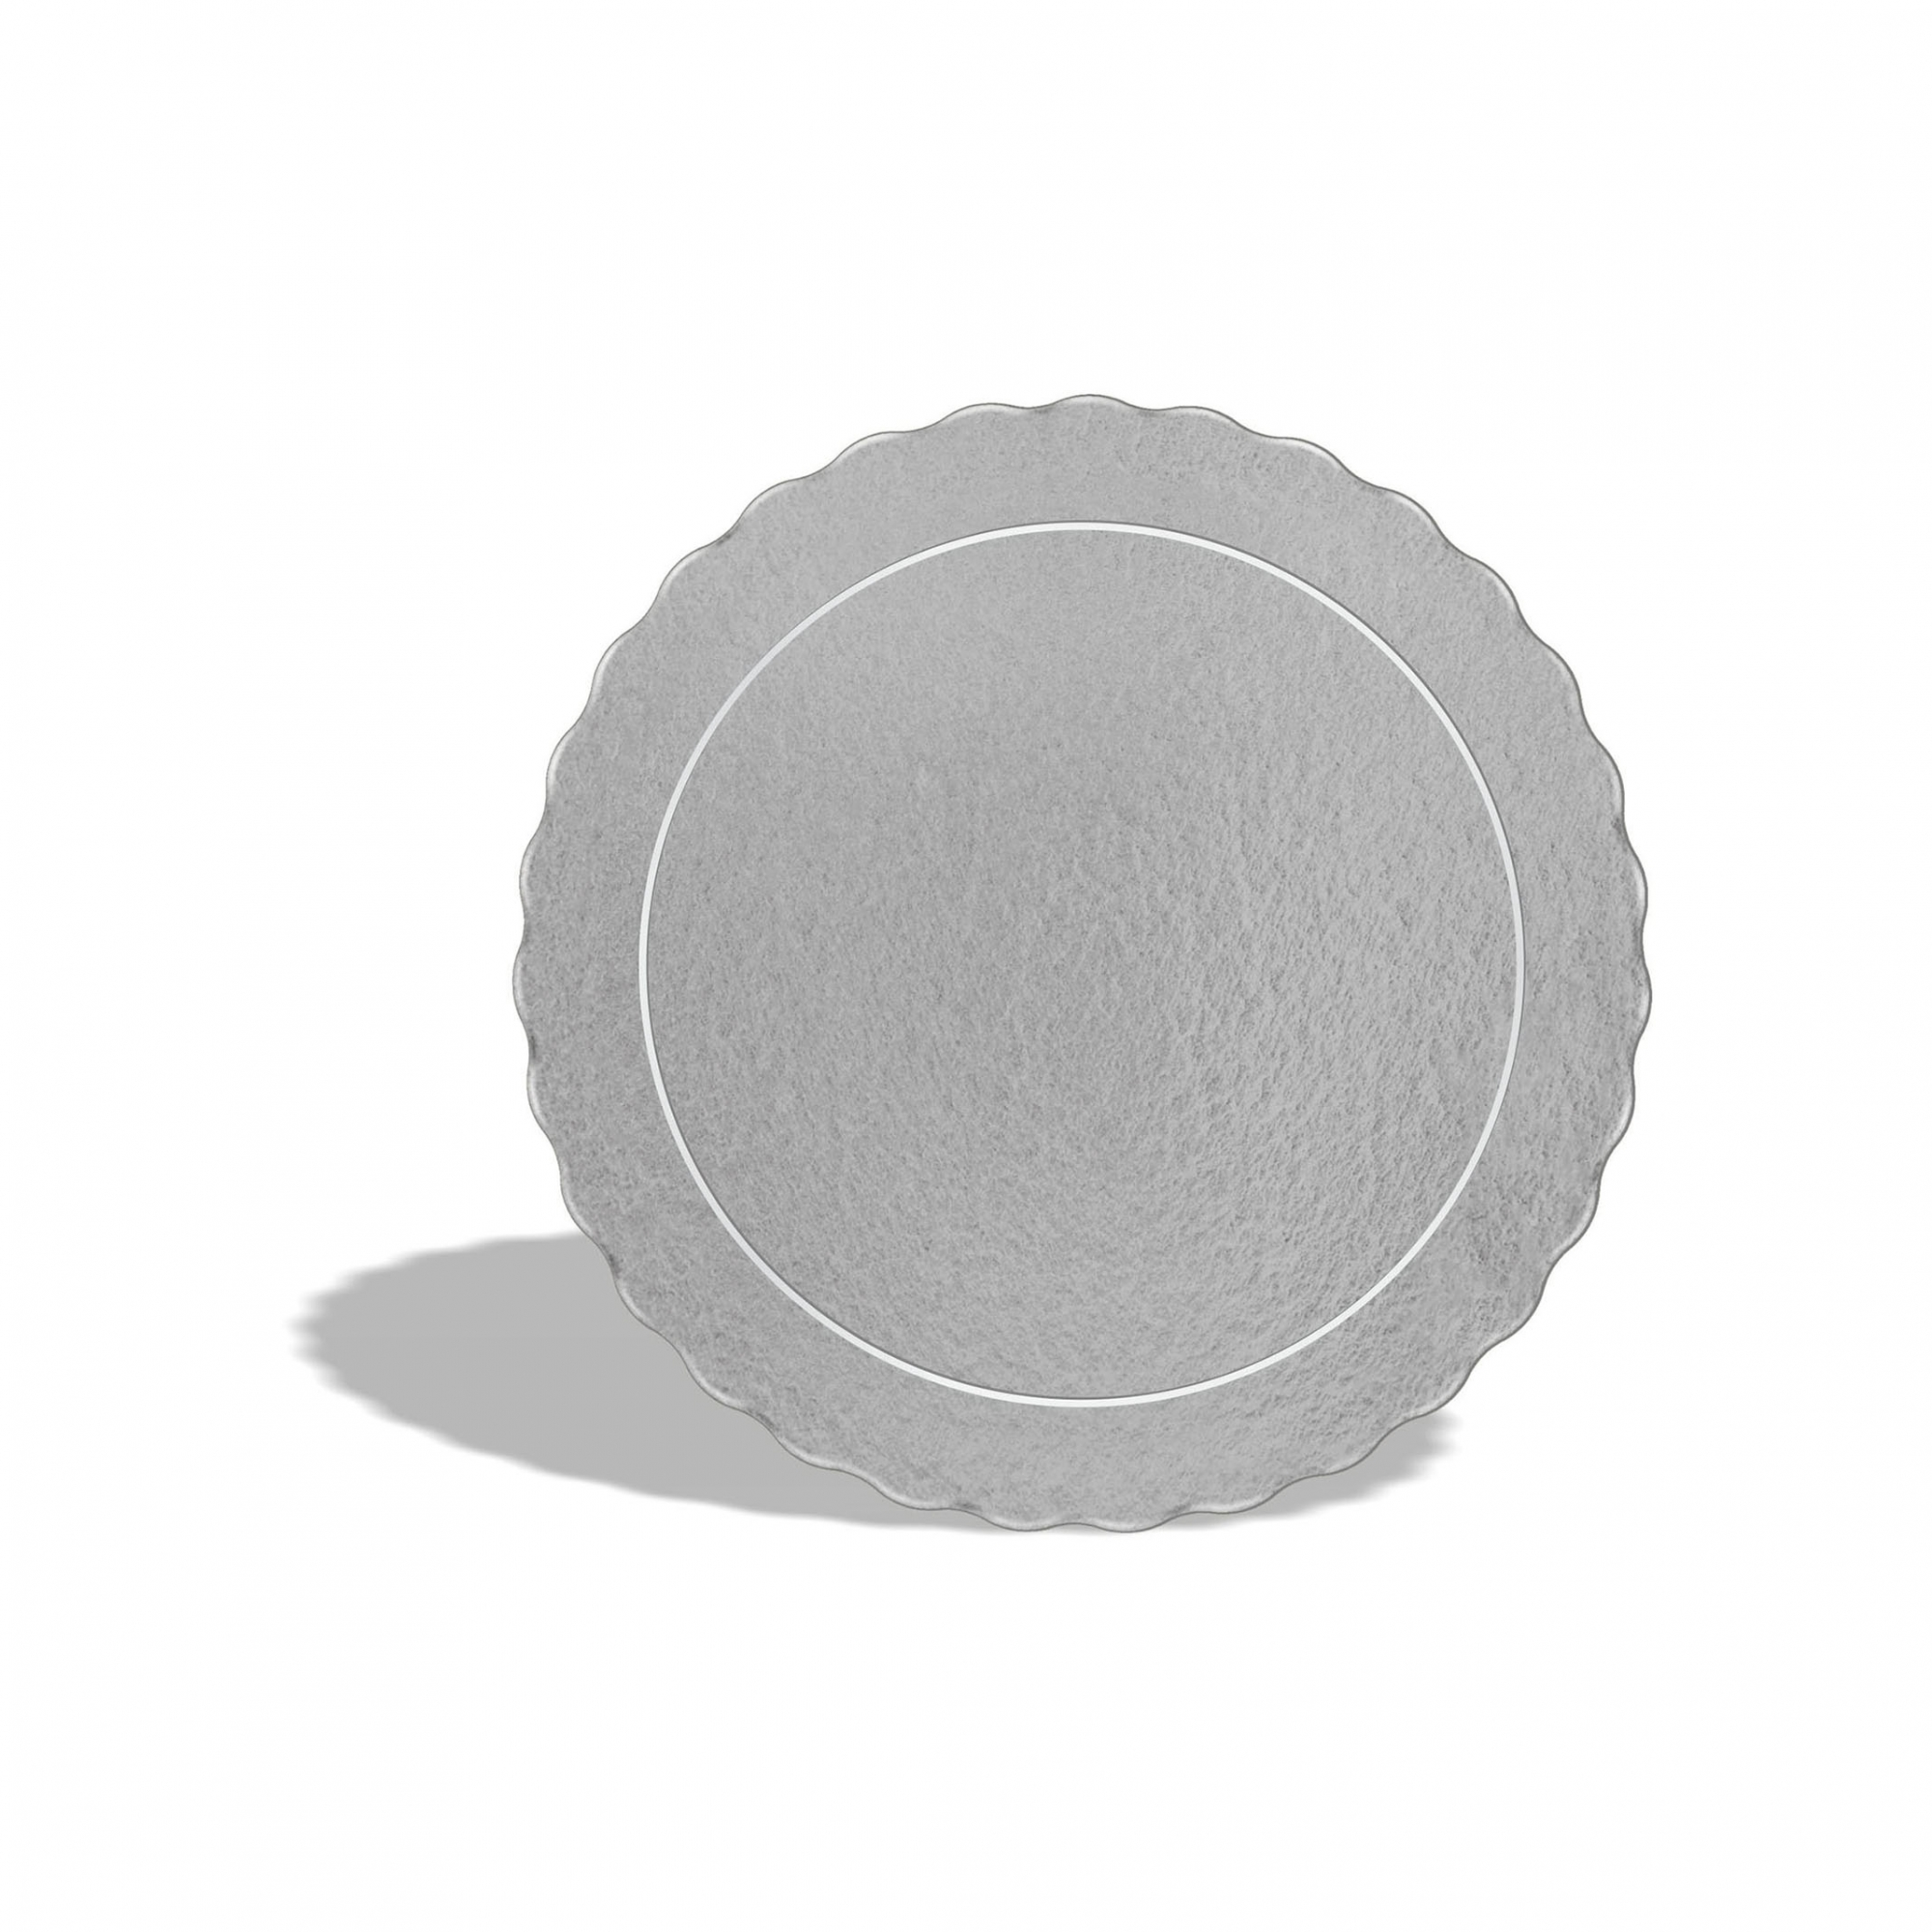 50 Bases Laminadas Para Bolo Redondo, Cake Board 25cm - Prata